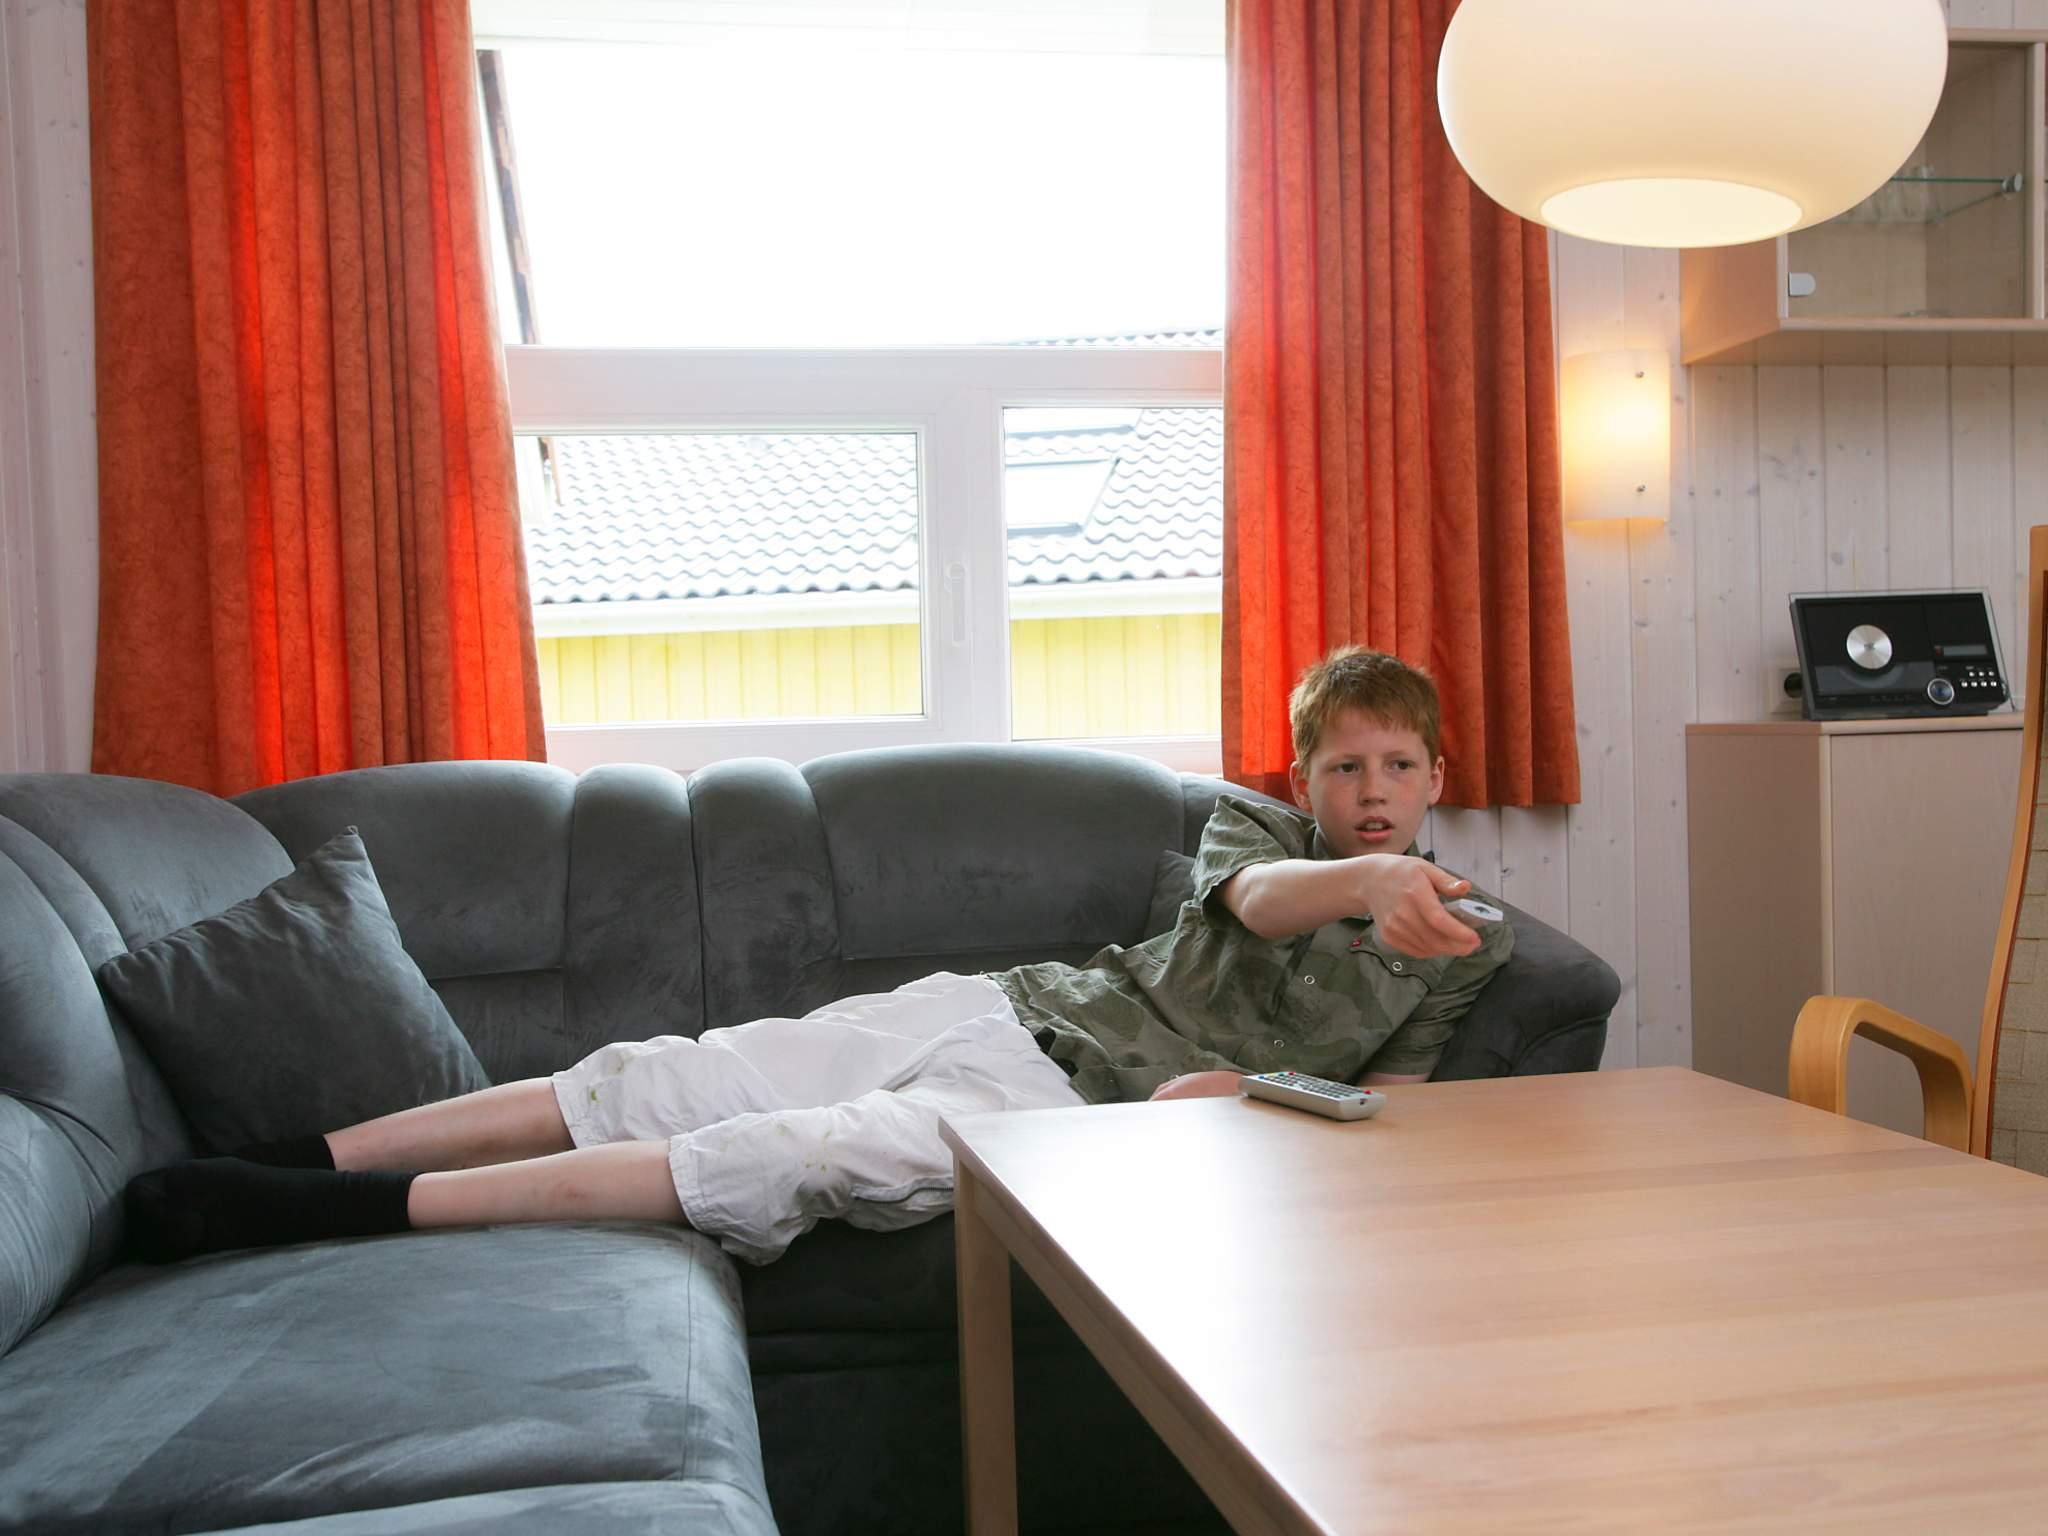 Maison de vacances Grömitz (361024), Grömitz, Baie de Lübeck, Schleswig-Holstein, Allemagne, image 2